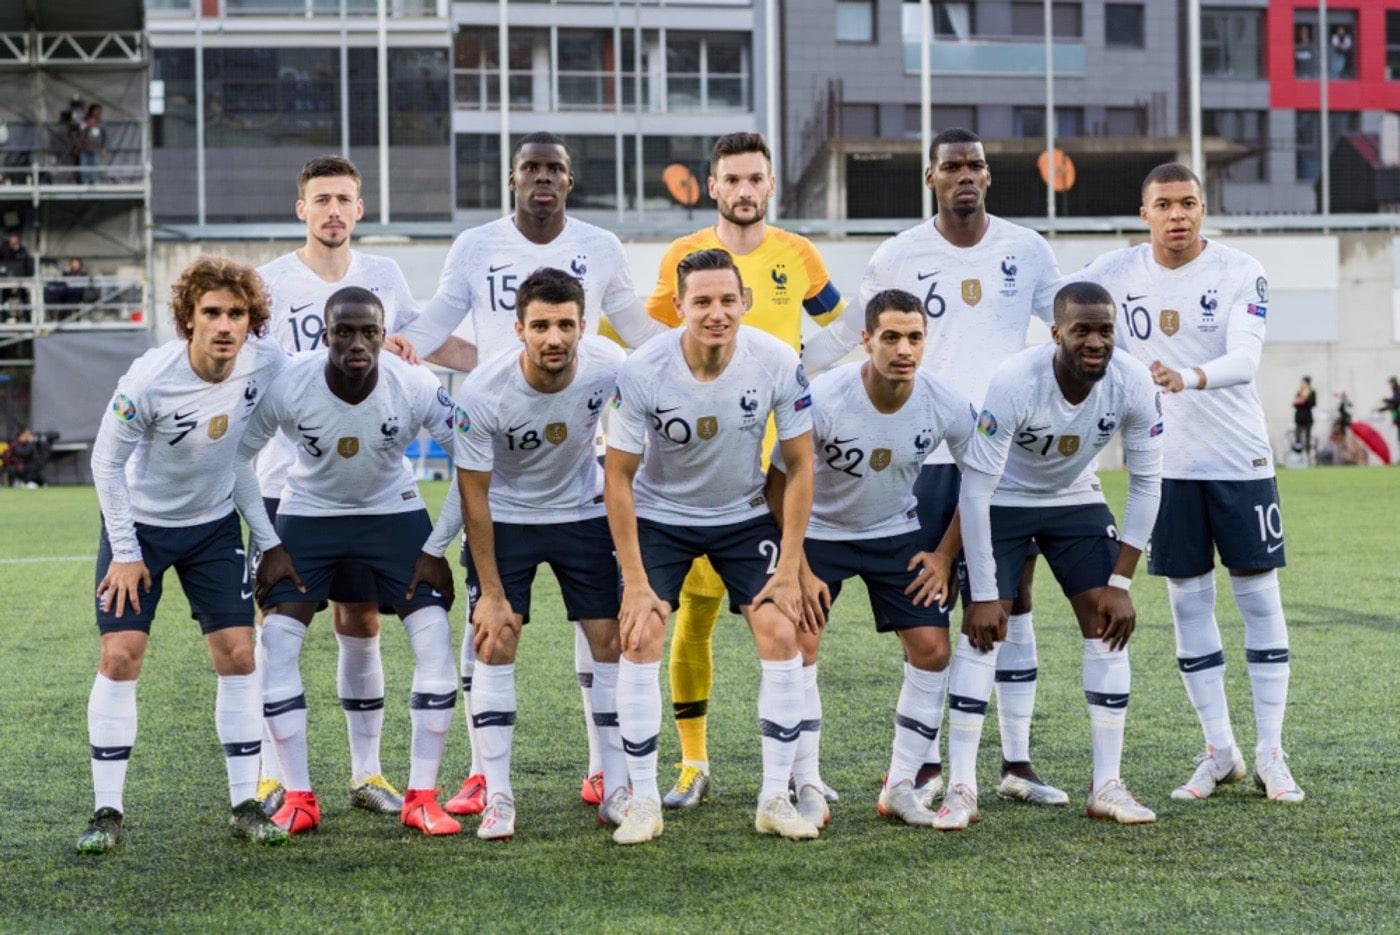 Frankreichs Nationalmannschaft im Juni 2019 gegen Andorra in der UEFA EURO 2020 Qualifikation (Foto Shutterstock)